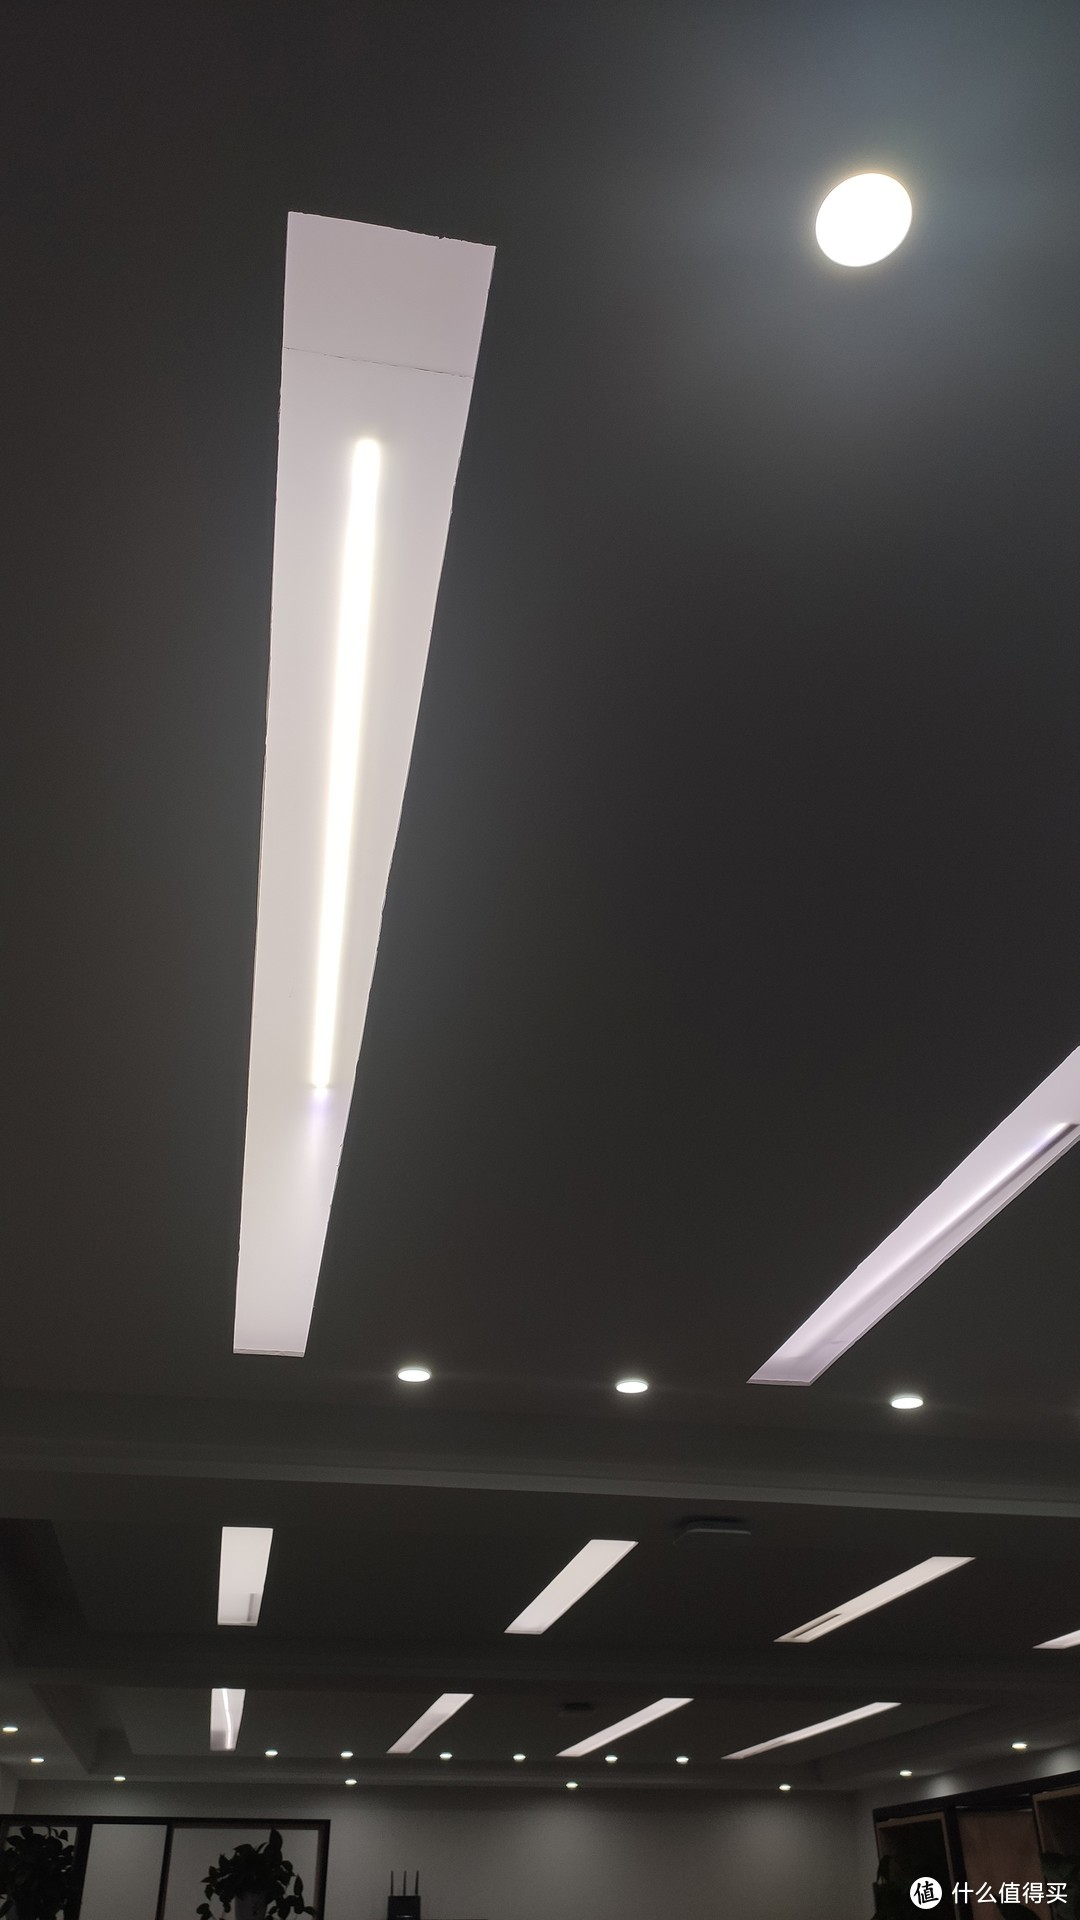 灯管掉落导致翻车